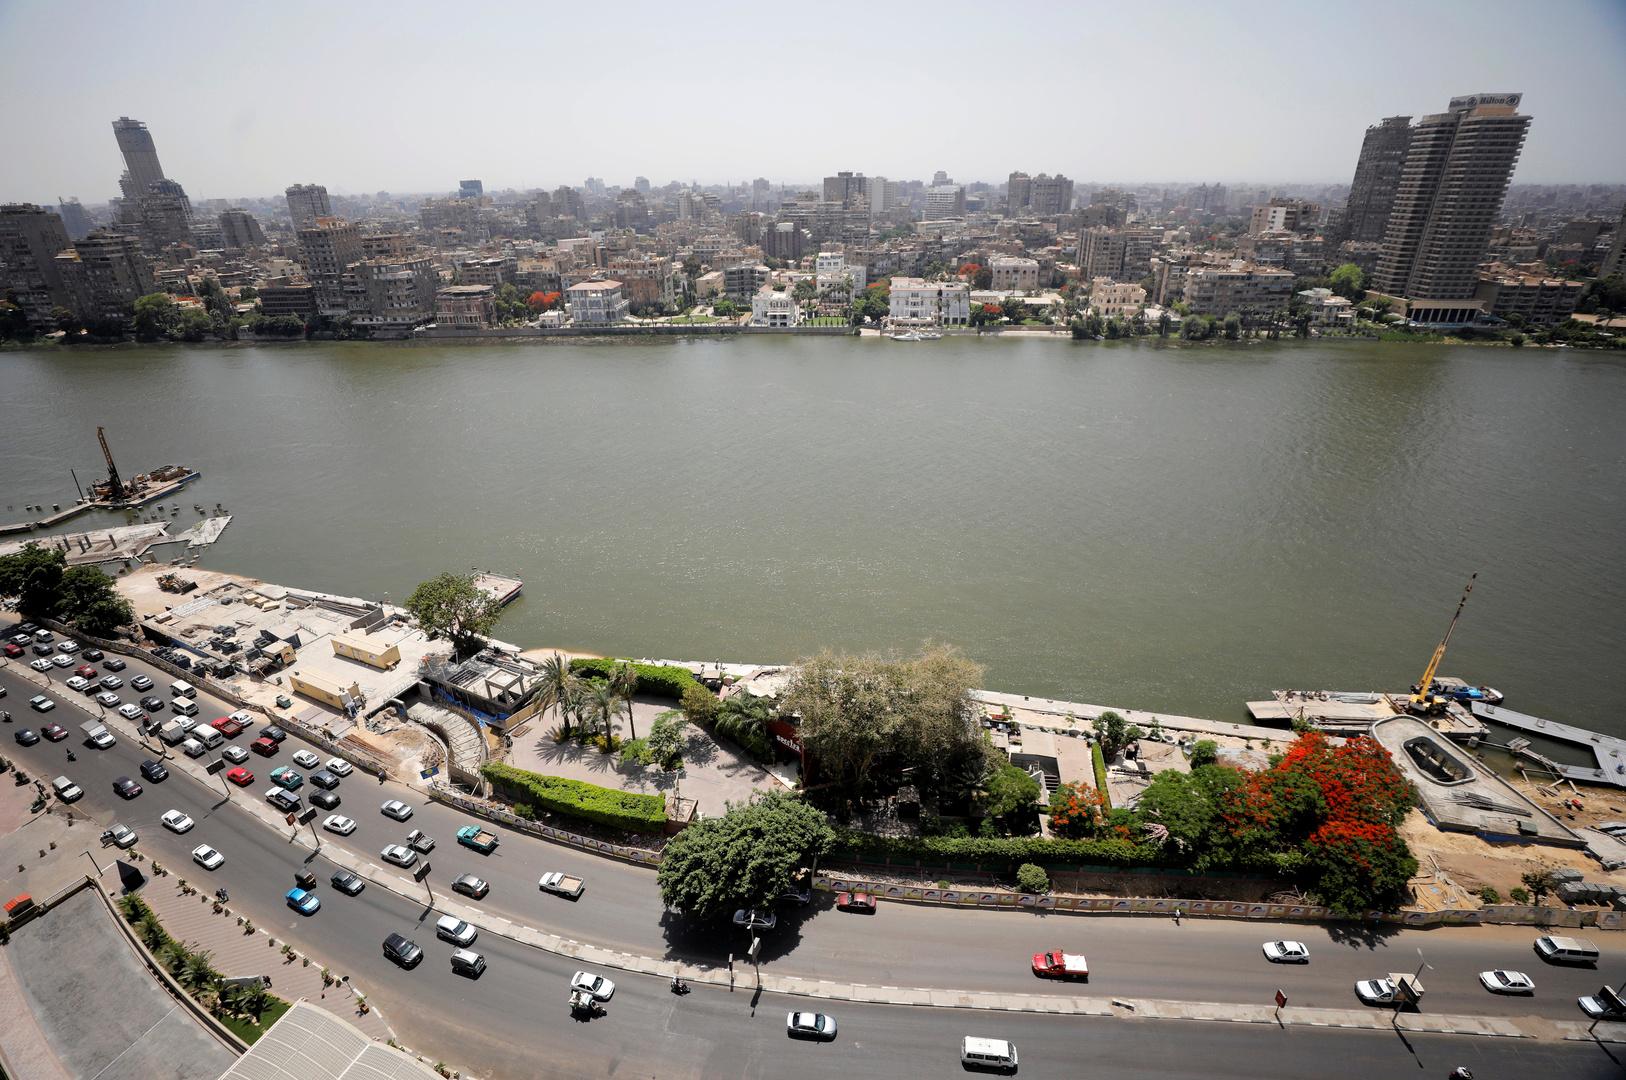 مصر.. مقتل 3 مواطنين بينهم أب ونجله أثناء تصديهم لمجموعة لصوص